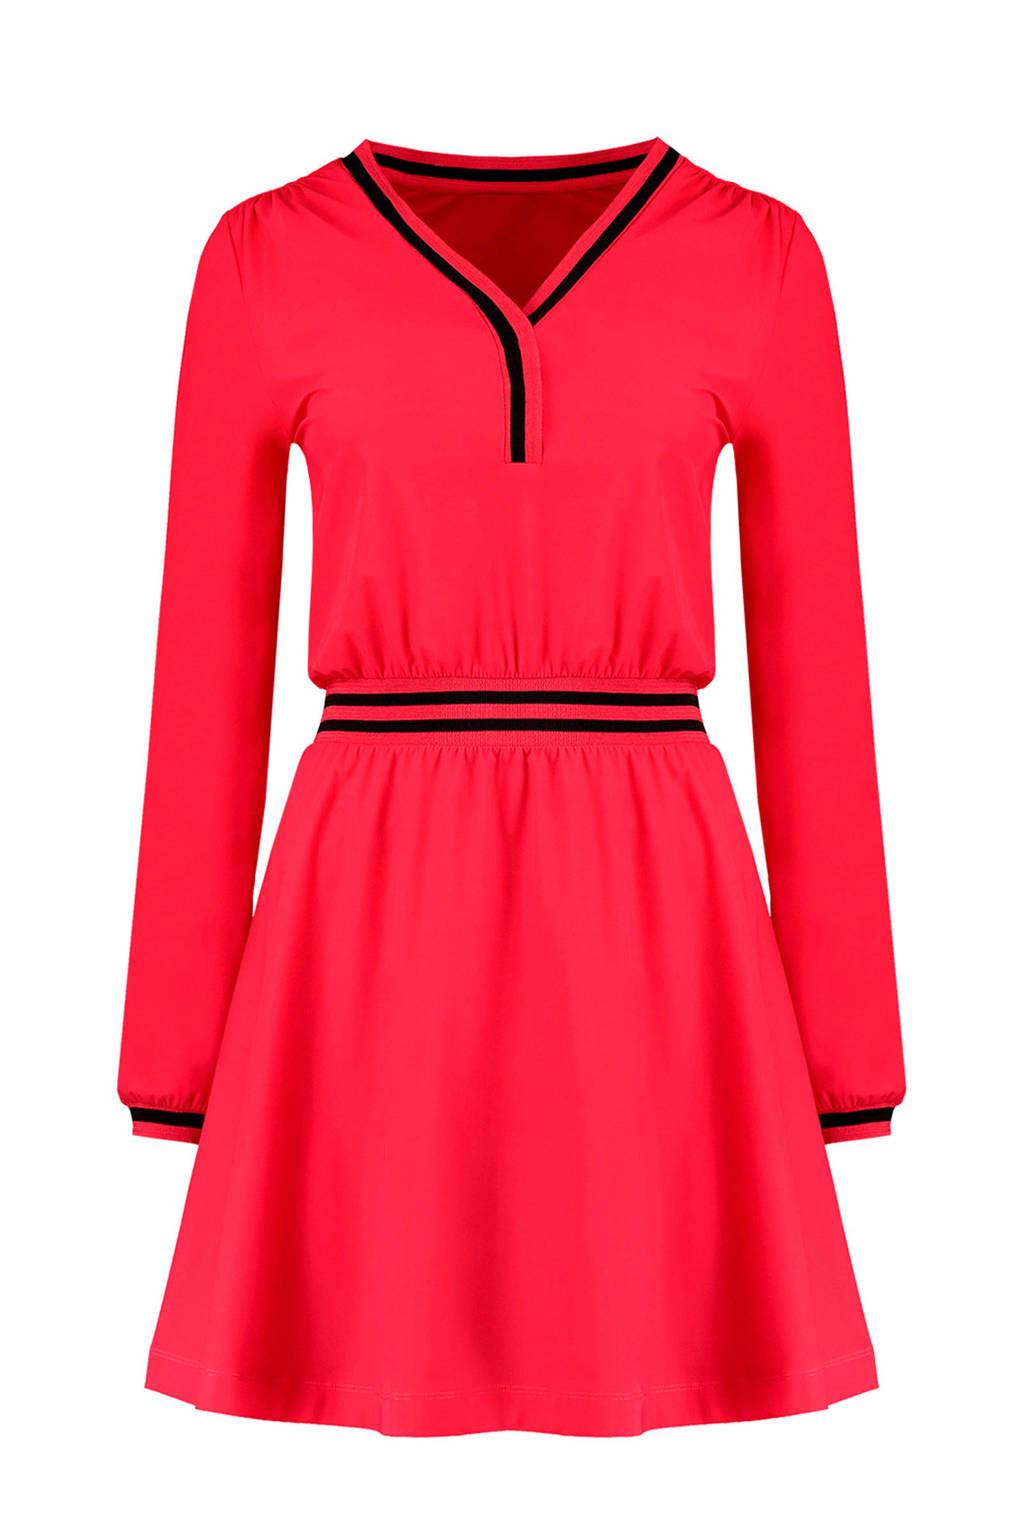 NIKKIE Suzy jurk, rood/ zwart